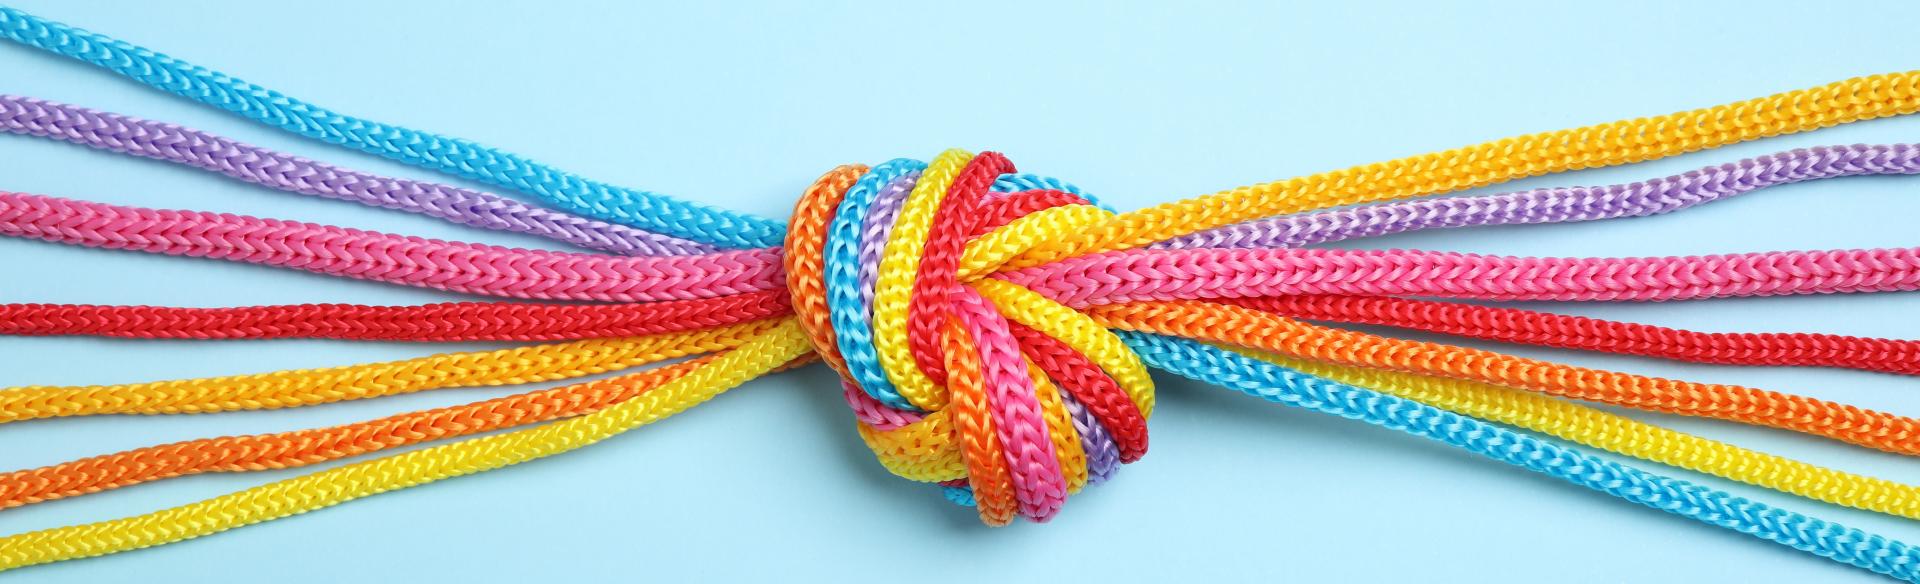 Knoten aus verschiedenen Farben